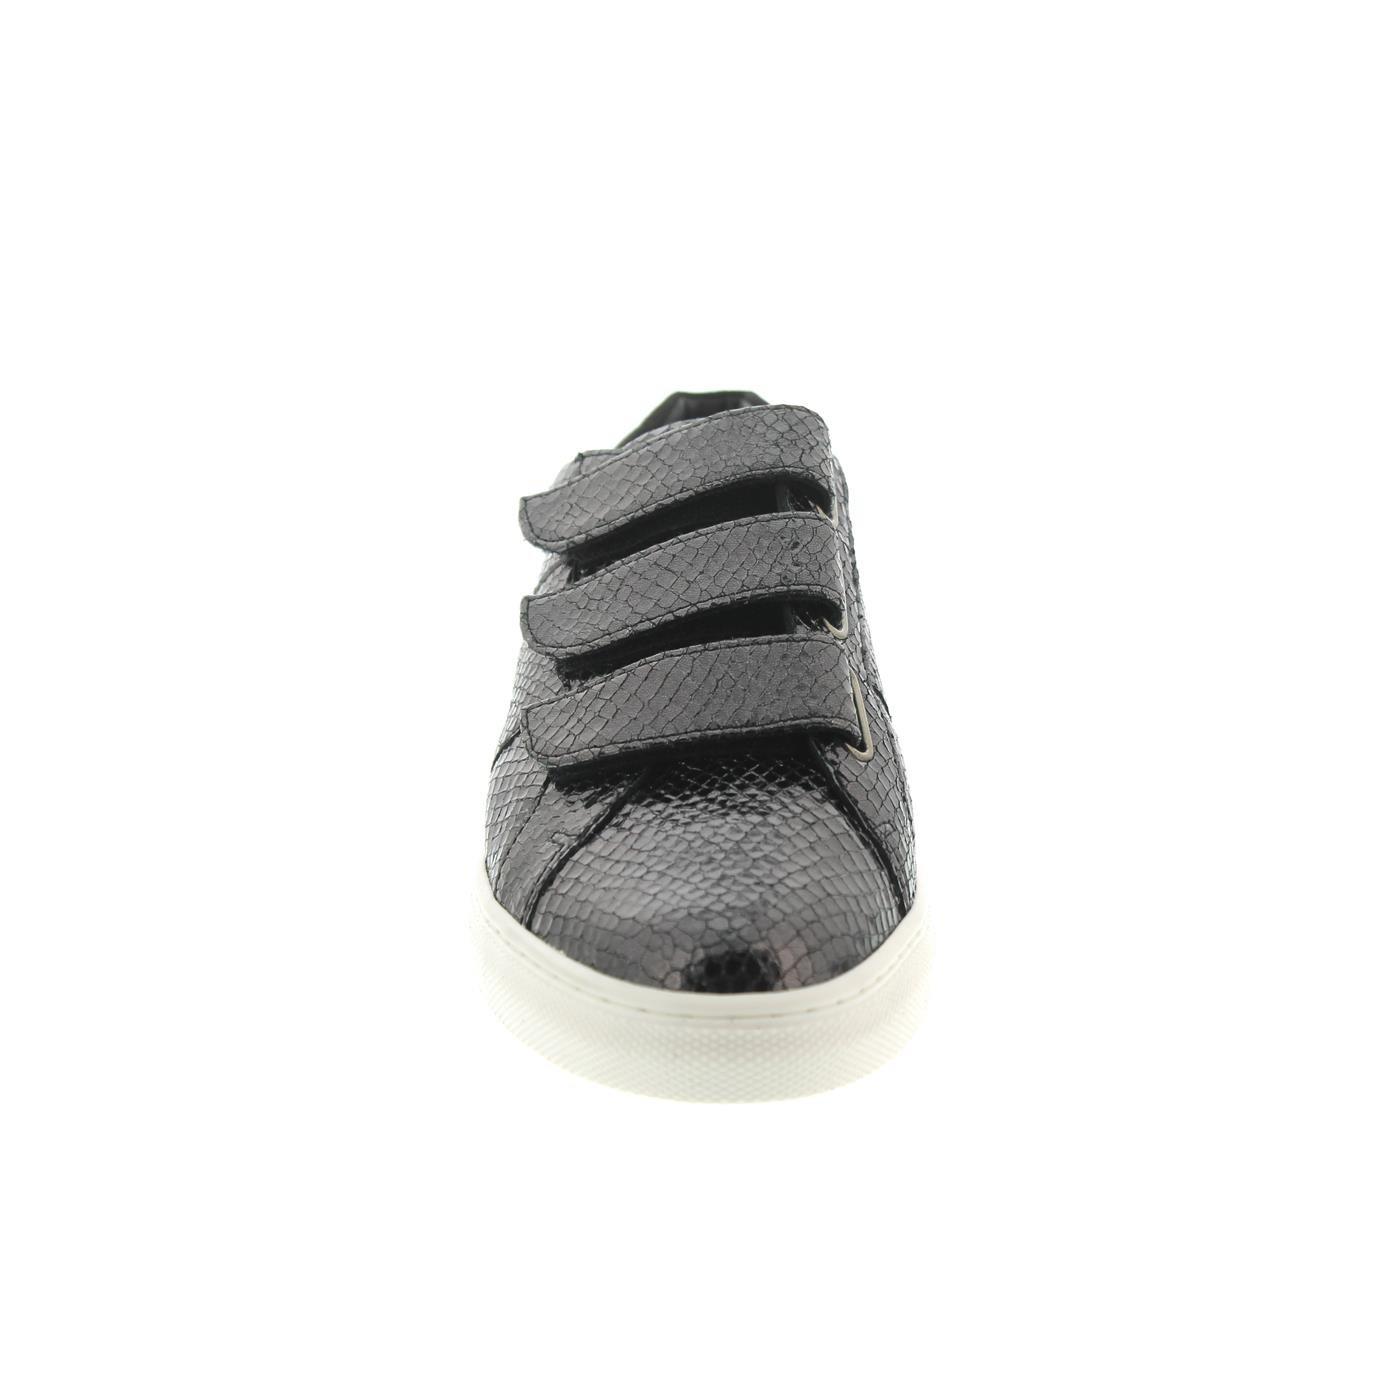 Hassia Maranello Turnschuhe Whips-Leder antrazit darkgrau Vario-Fussbett Weite Weite Weite G 3013547-6266 9d4cde